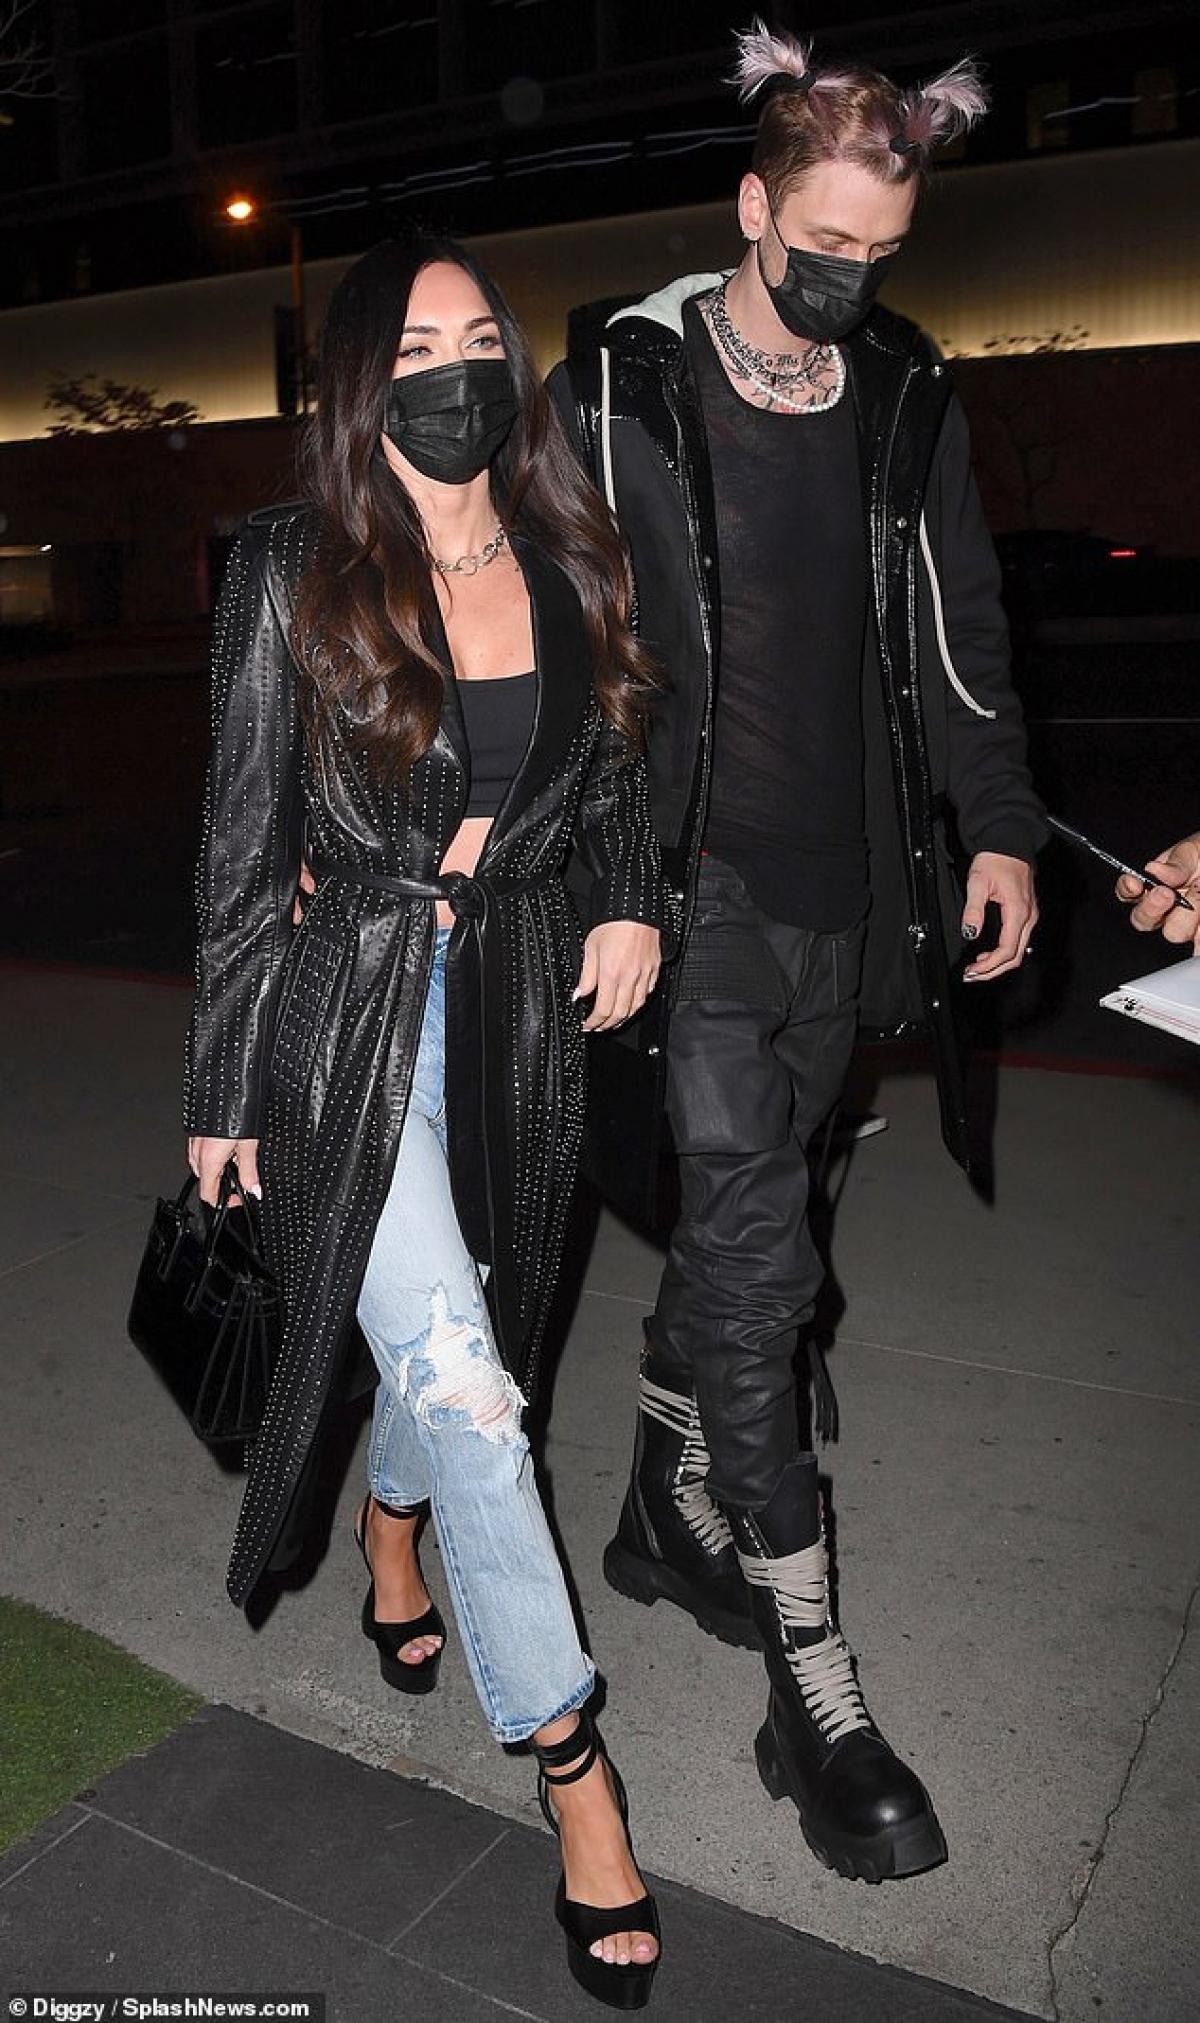 Megan Fox và rocker Machine Gun Kelly hẹn hò từ tháng 5 năm ngoái. Mối quan hệ của cặp đôi hiện rất tốt đẹp.